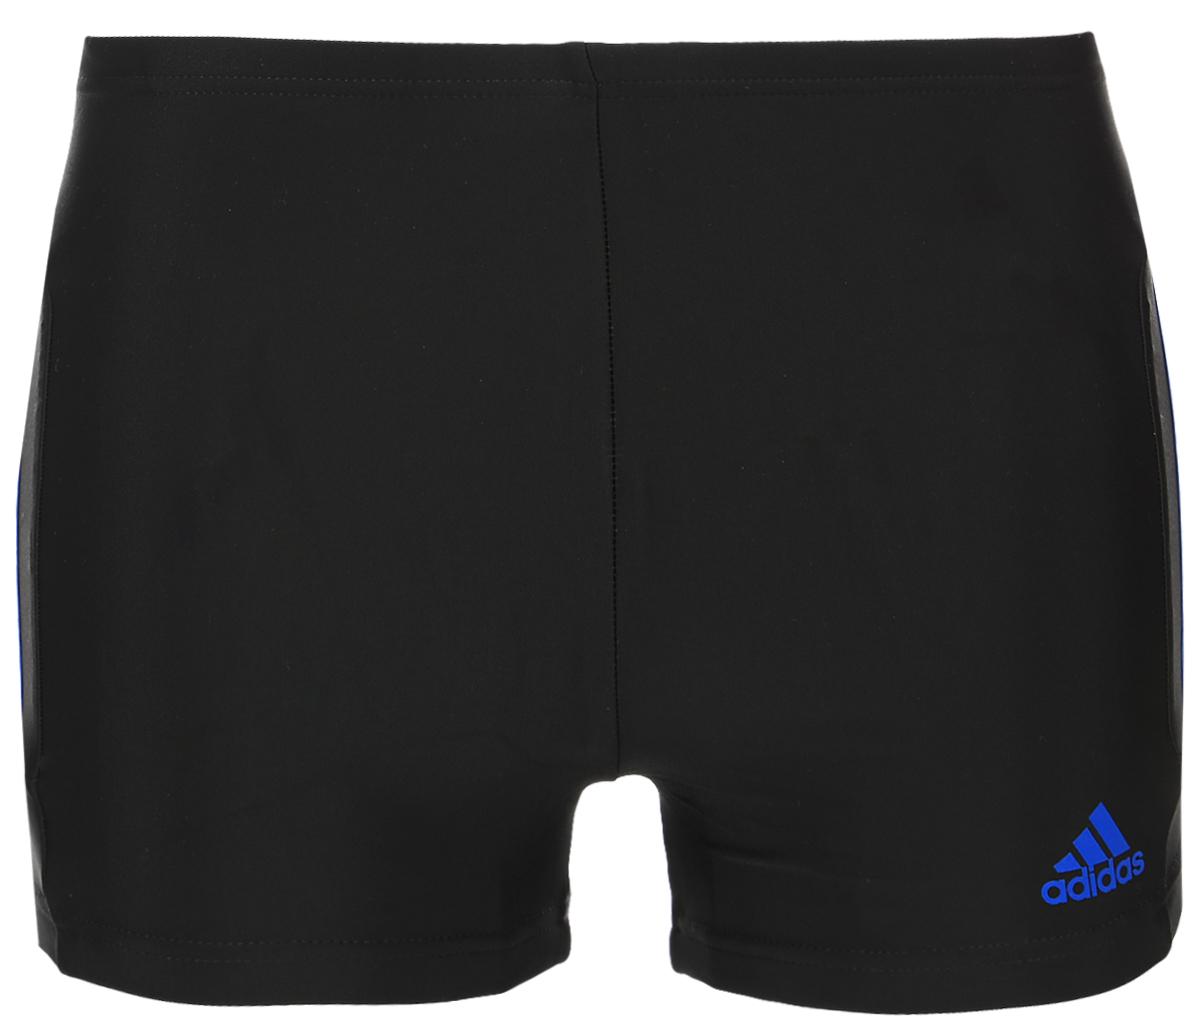 Плавки-боксеры мужские adidas Inf Ec3Sm Bx, цвет: черный. BP9520. Размер 4 (46)BP9520Плавательные мужские боксеры aadidas Inf Ec3Sm Bx выполнены из полиамида с добавлением эластана. Эти удобные мужские боксеры помогут справиться даже с самыми тяжелыми тренировками. Они сделаны из материала InfIinitex, который сопротивляется воздействию хлора. Оформлена модель классическими тремя полосами и логотипом бренда на левом боку.